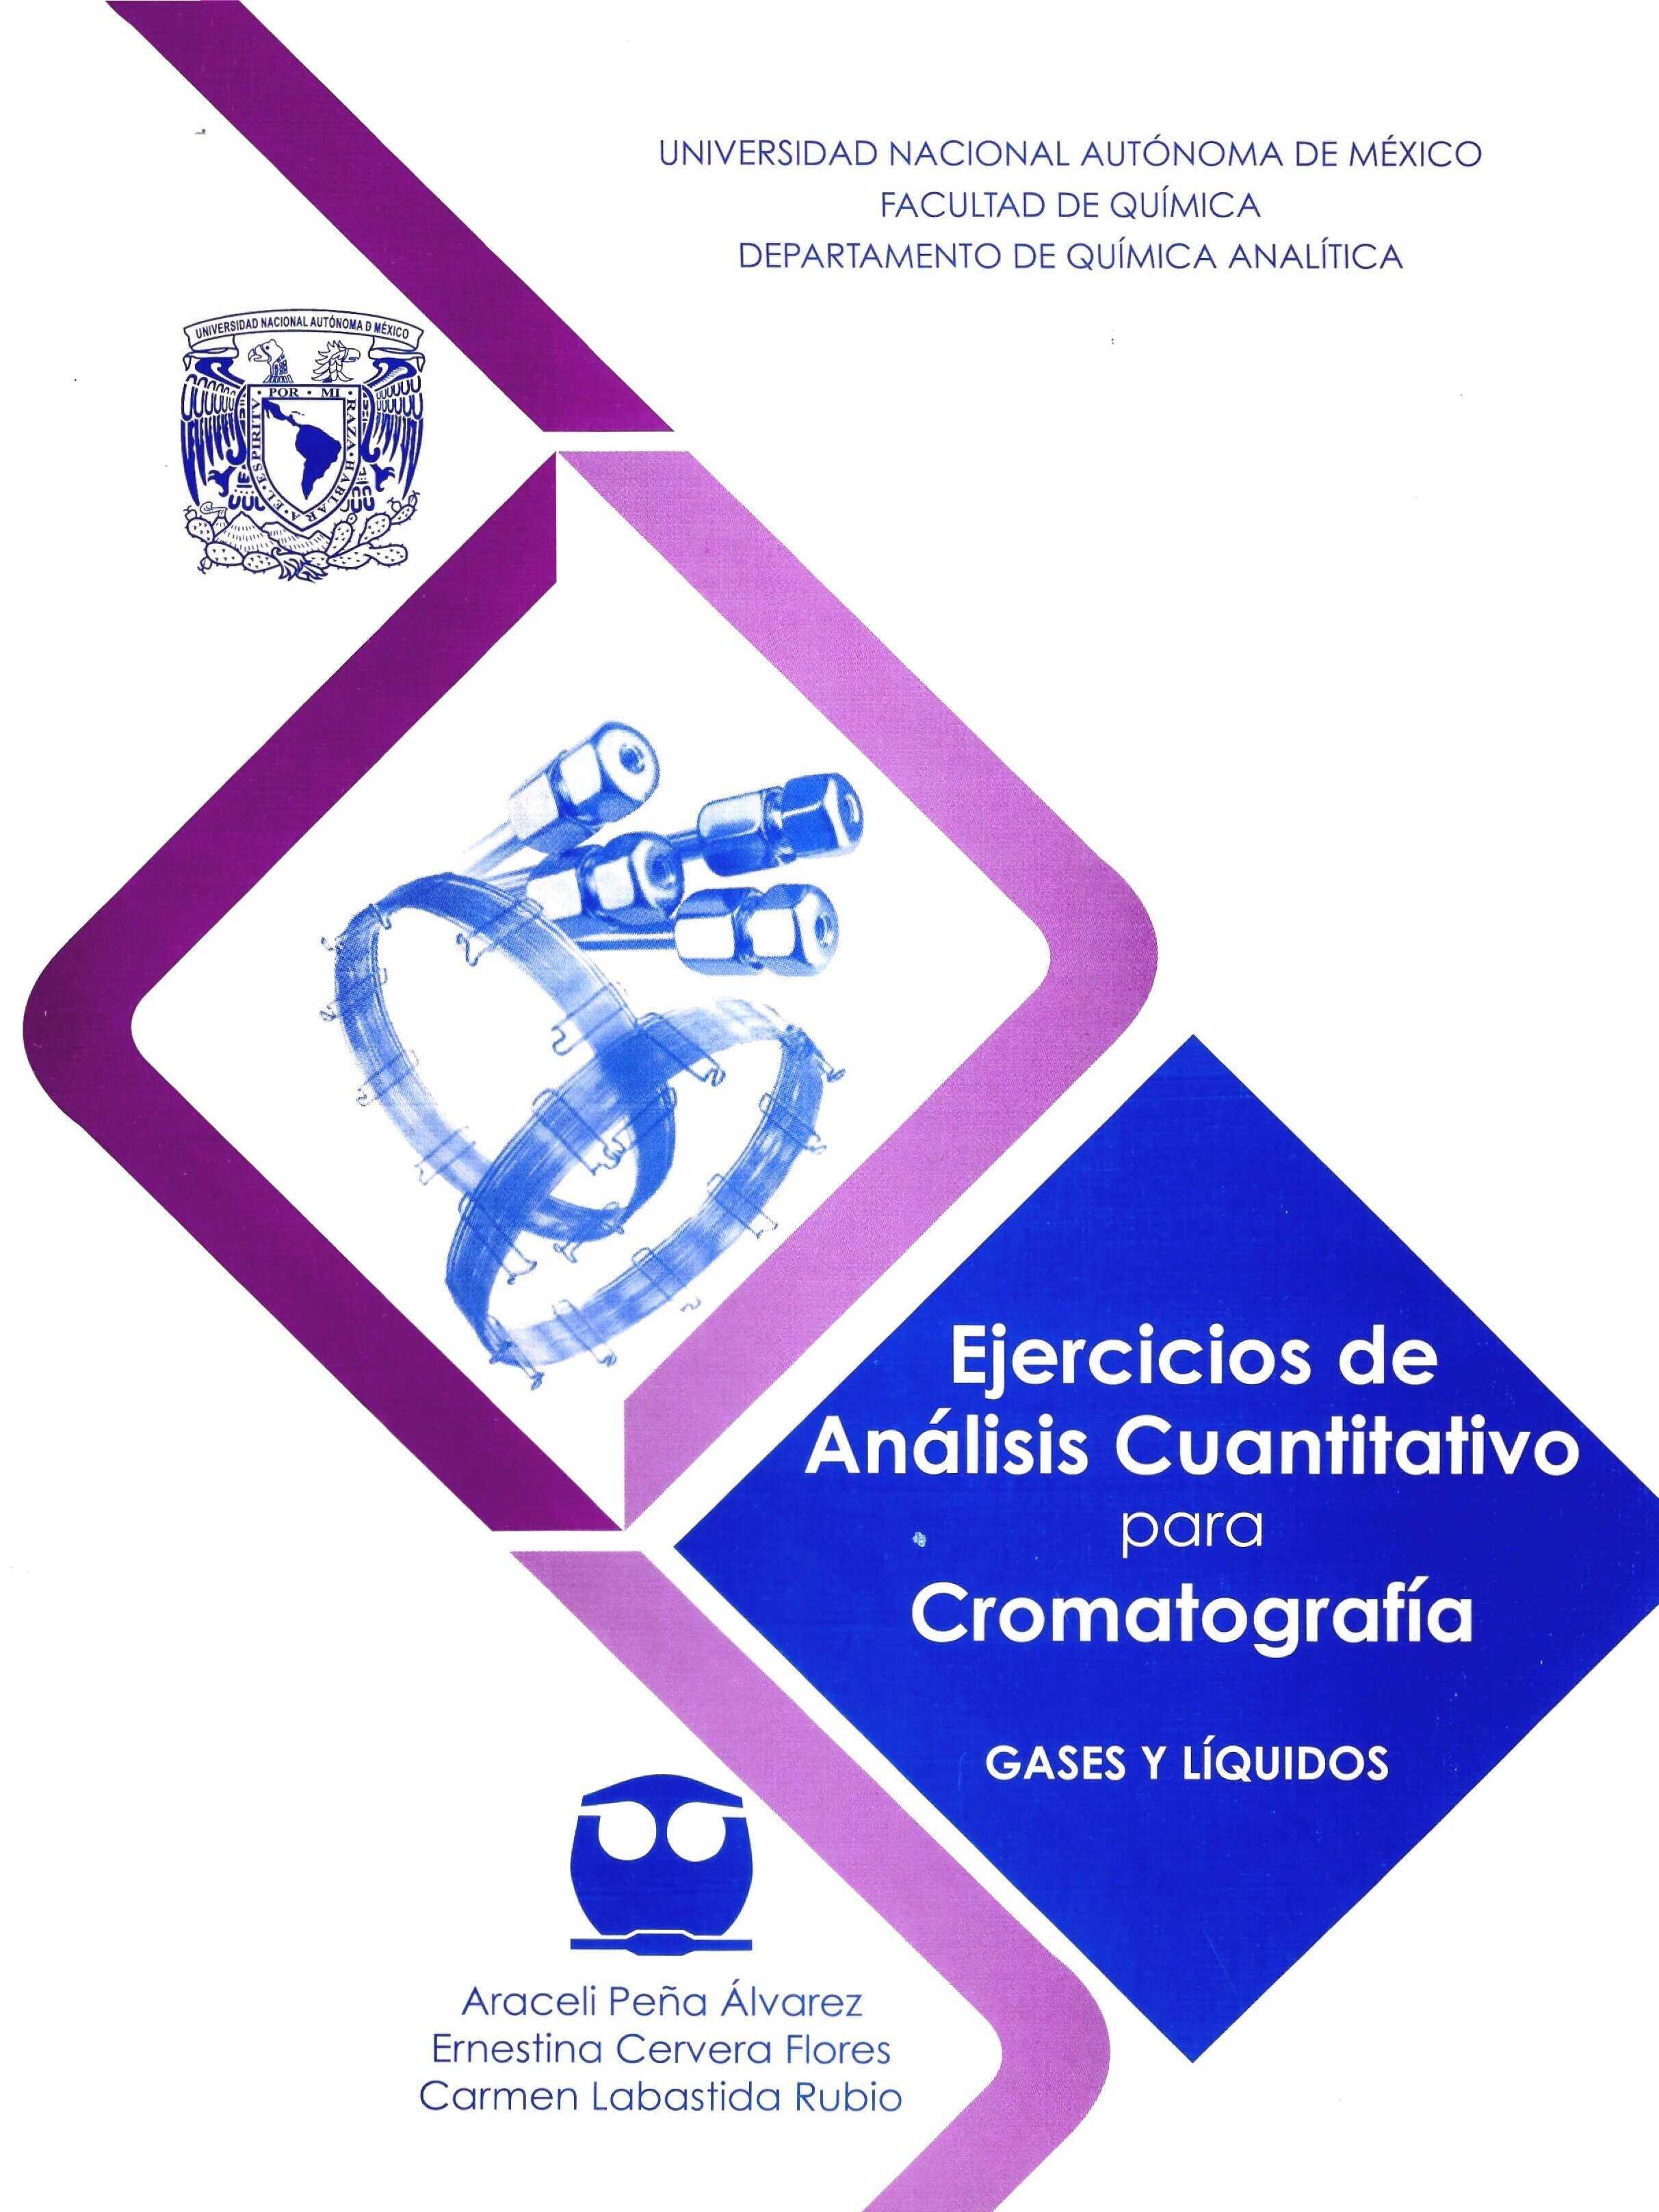 Ejercicios de Análisis Cuantitativo para Cromatografía